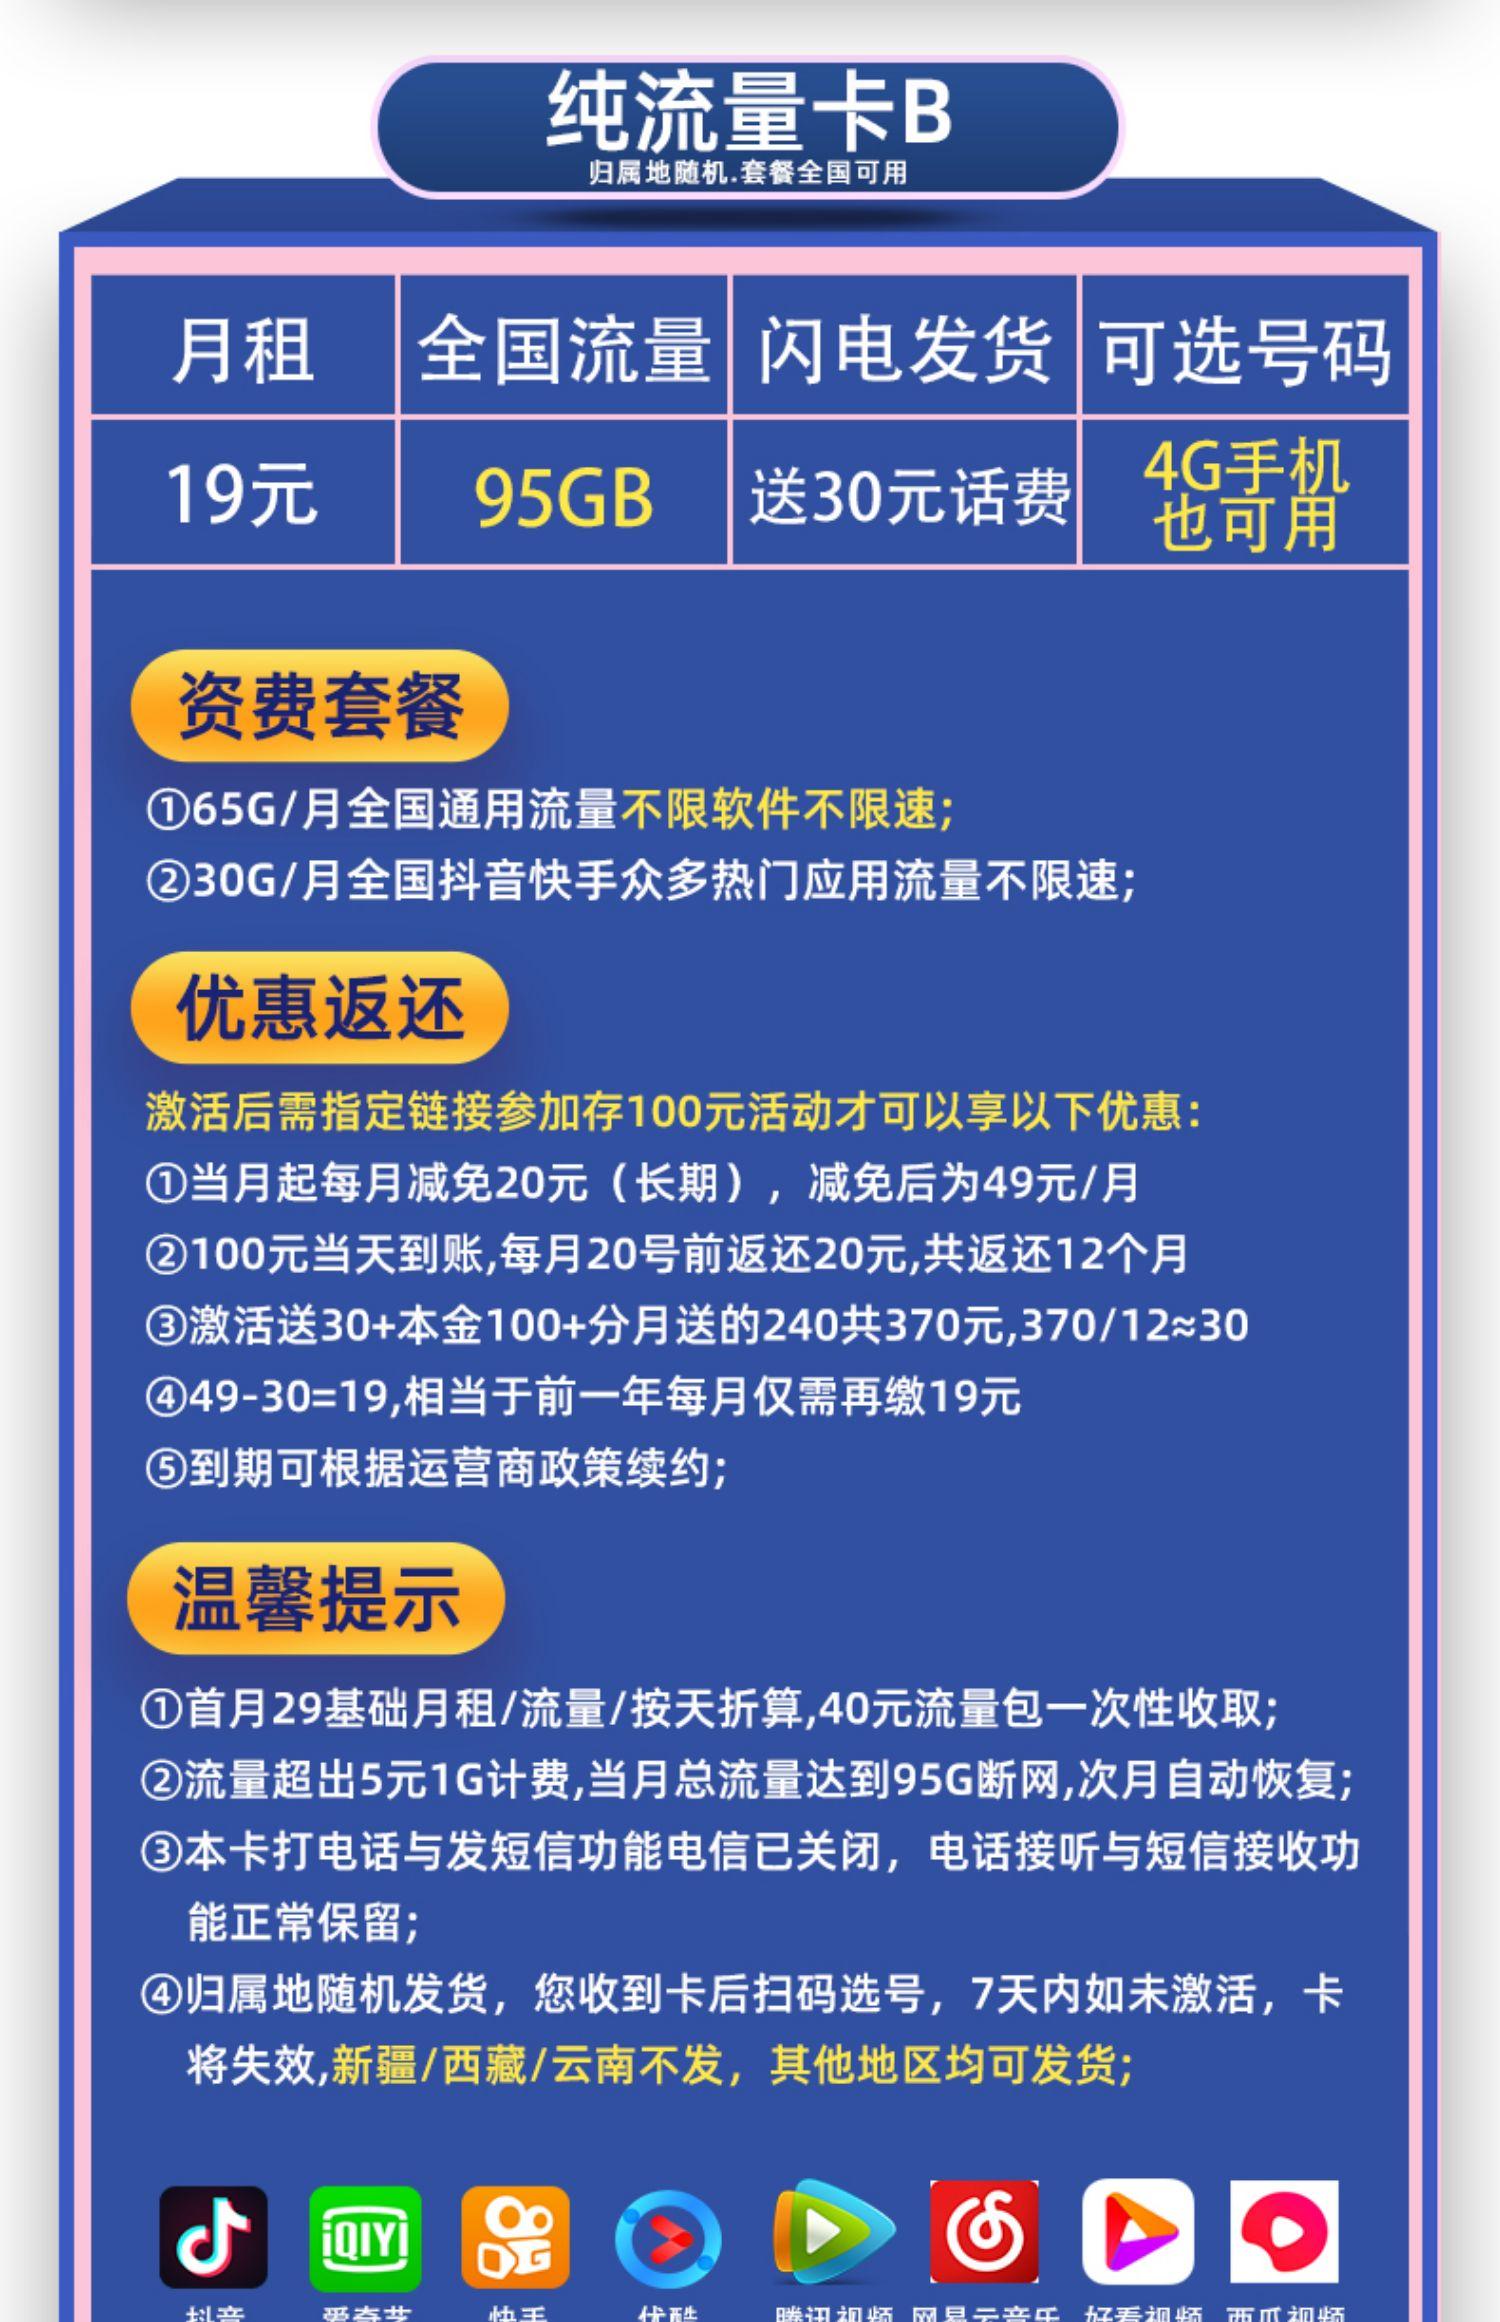 【移动流量卡】纯流量上网手机电话大王5g号10